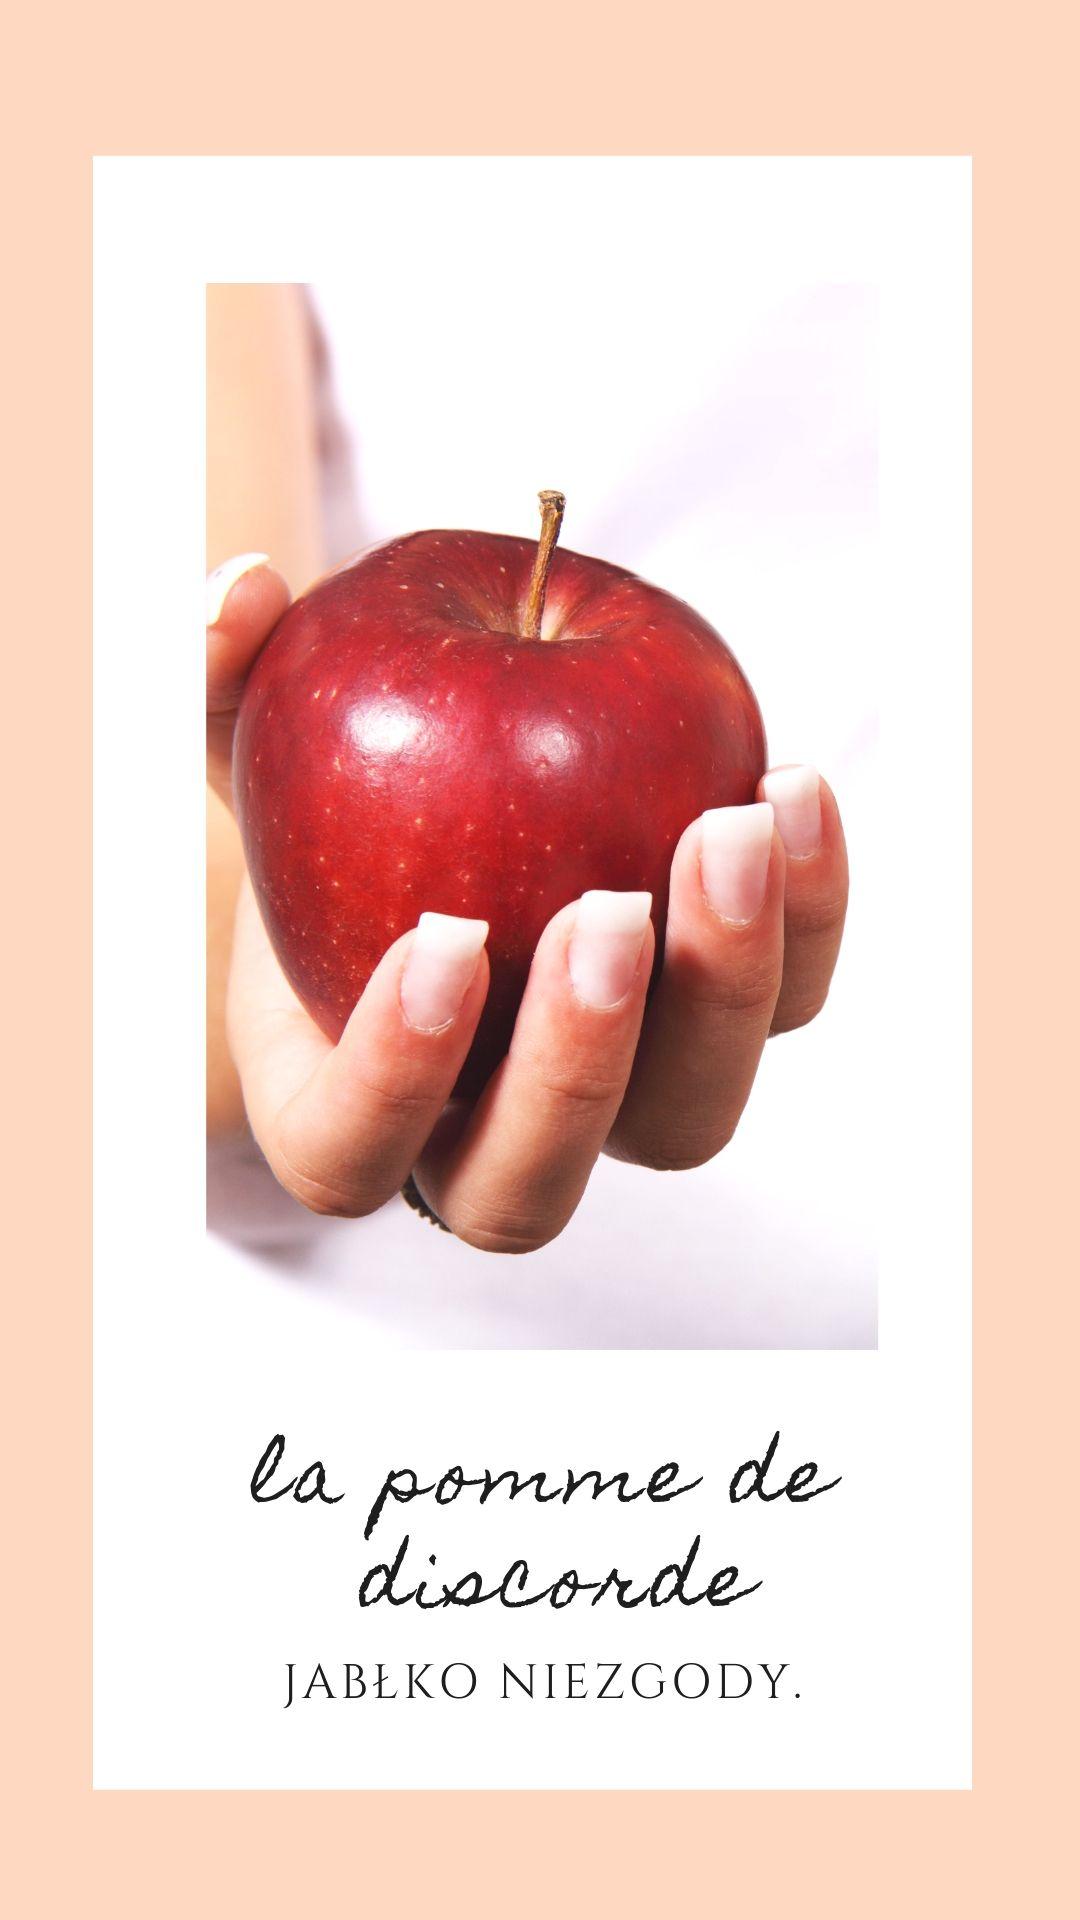 Dlaczego Francuzi mówią: jabłko niezgody – la pomme de discorde?